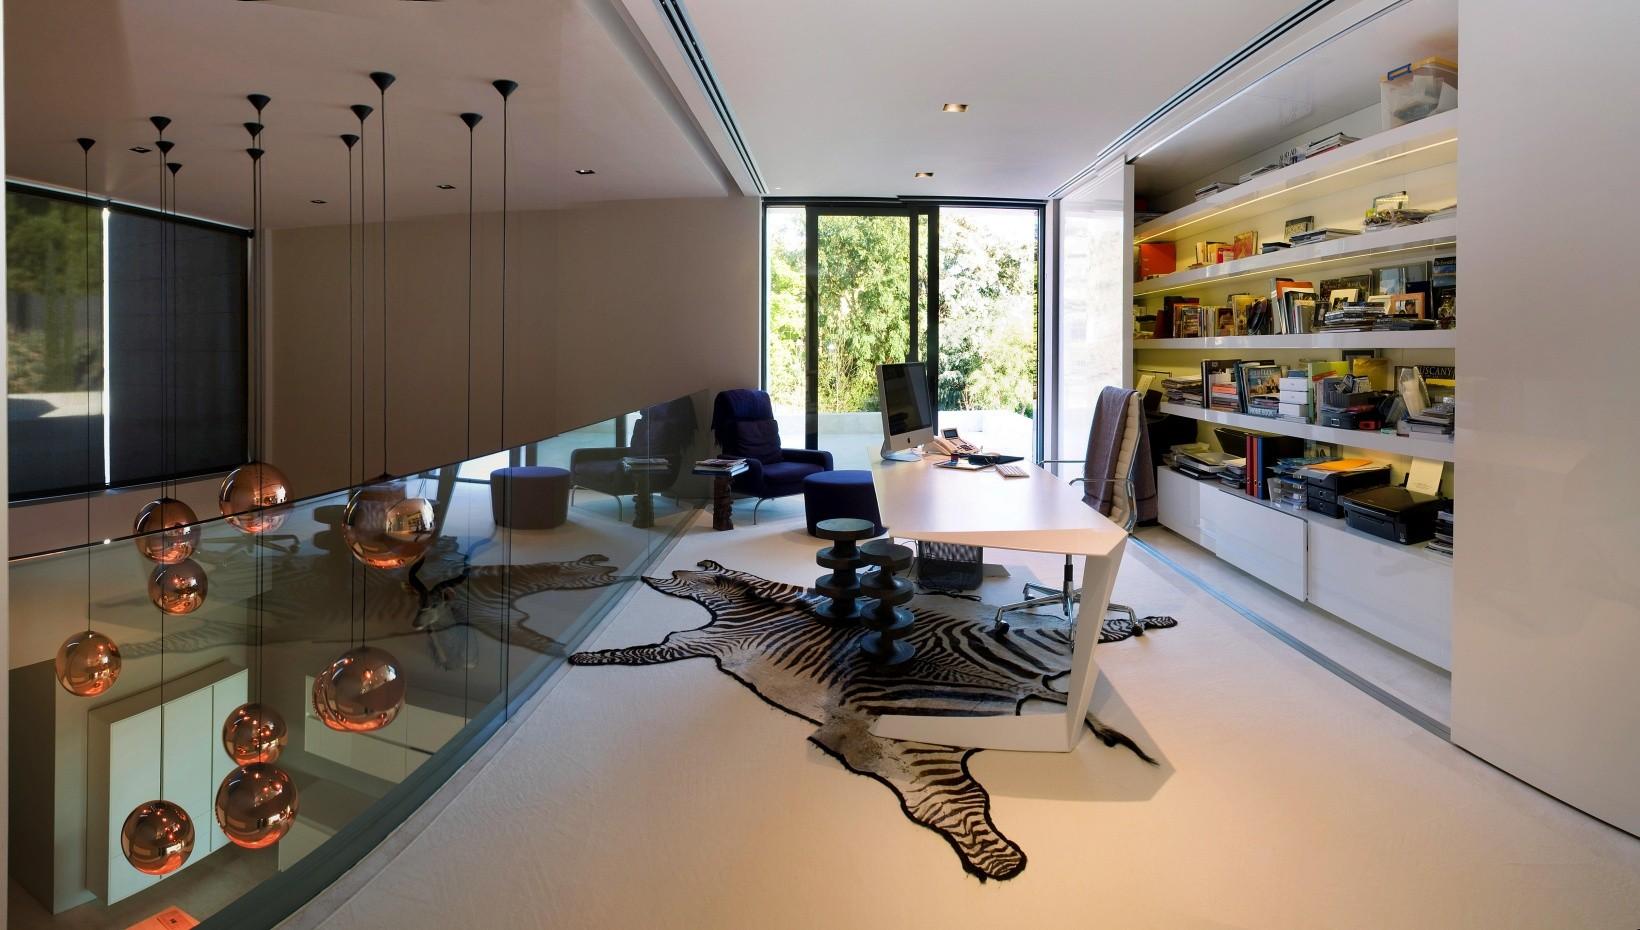 624 - Espectacular, imponente y lujosa casa de diseño en Puerto Banús (Marbella, Costa del Sol)